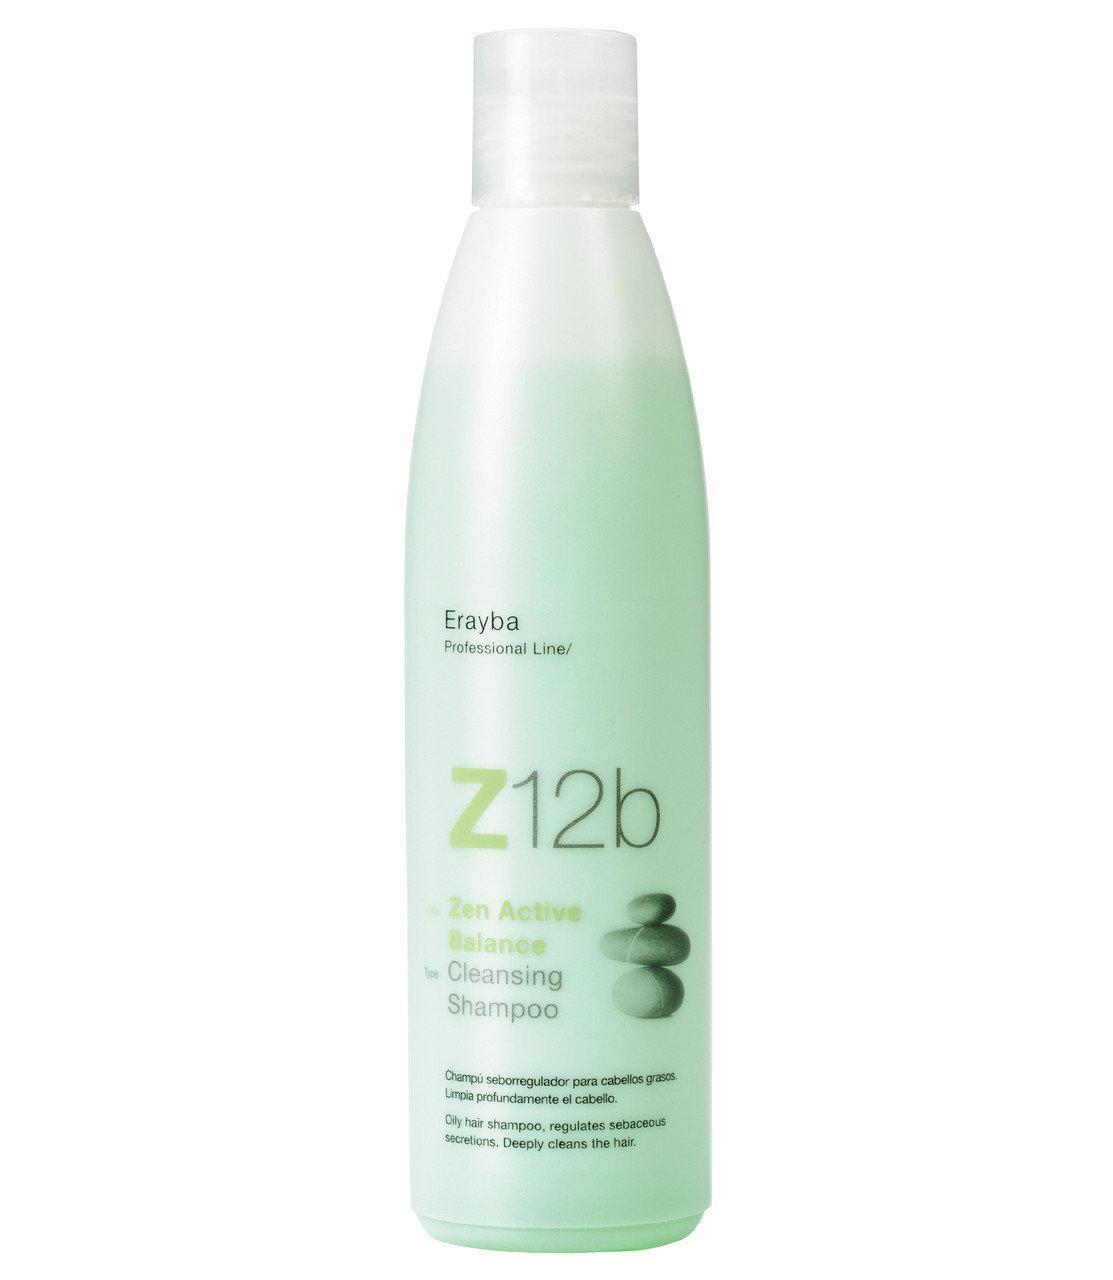 Шампунь против жирных волос Erayba Z12b Cleansing Shampoo (разлив) 150 гр